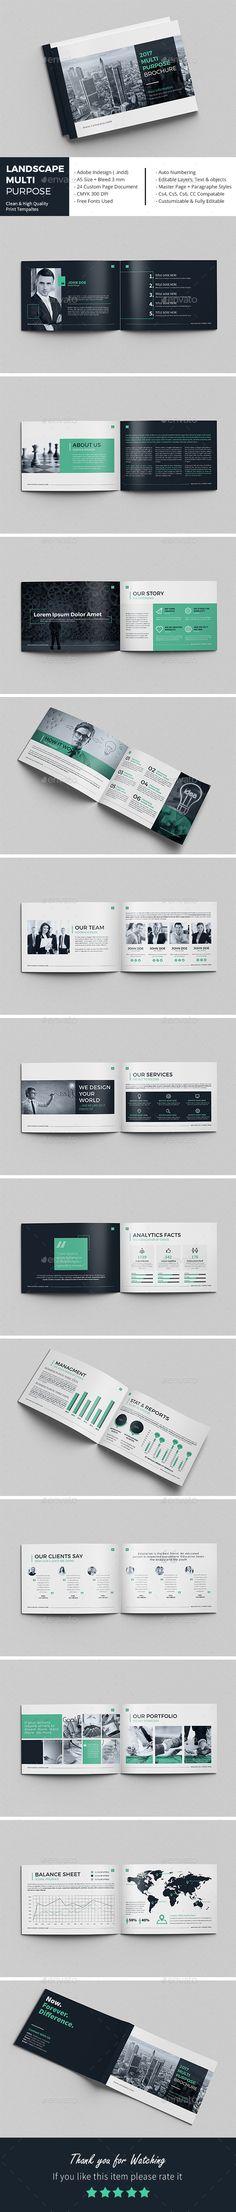 Landscape Multi-Purpose Brochure  — InDesign Template #brochure design #brand…